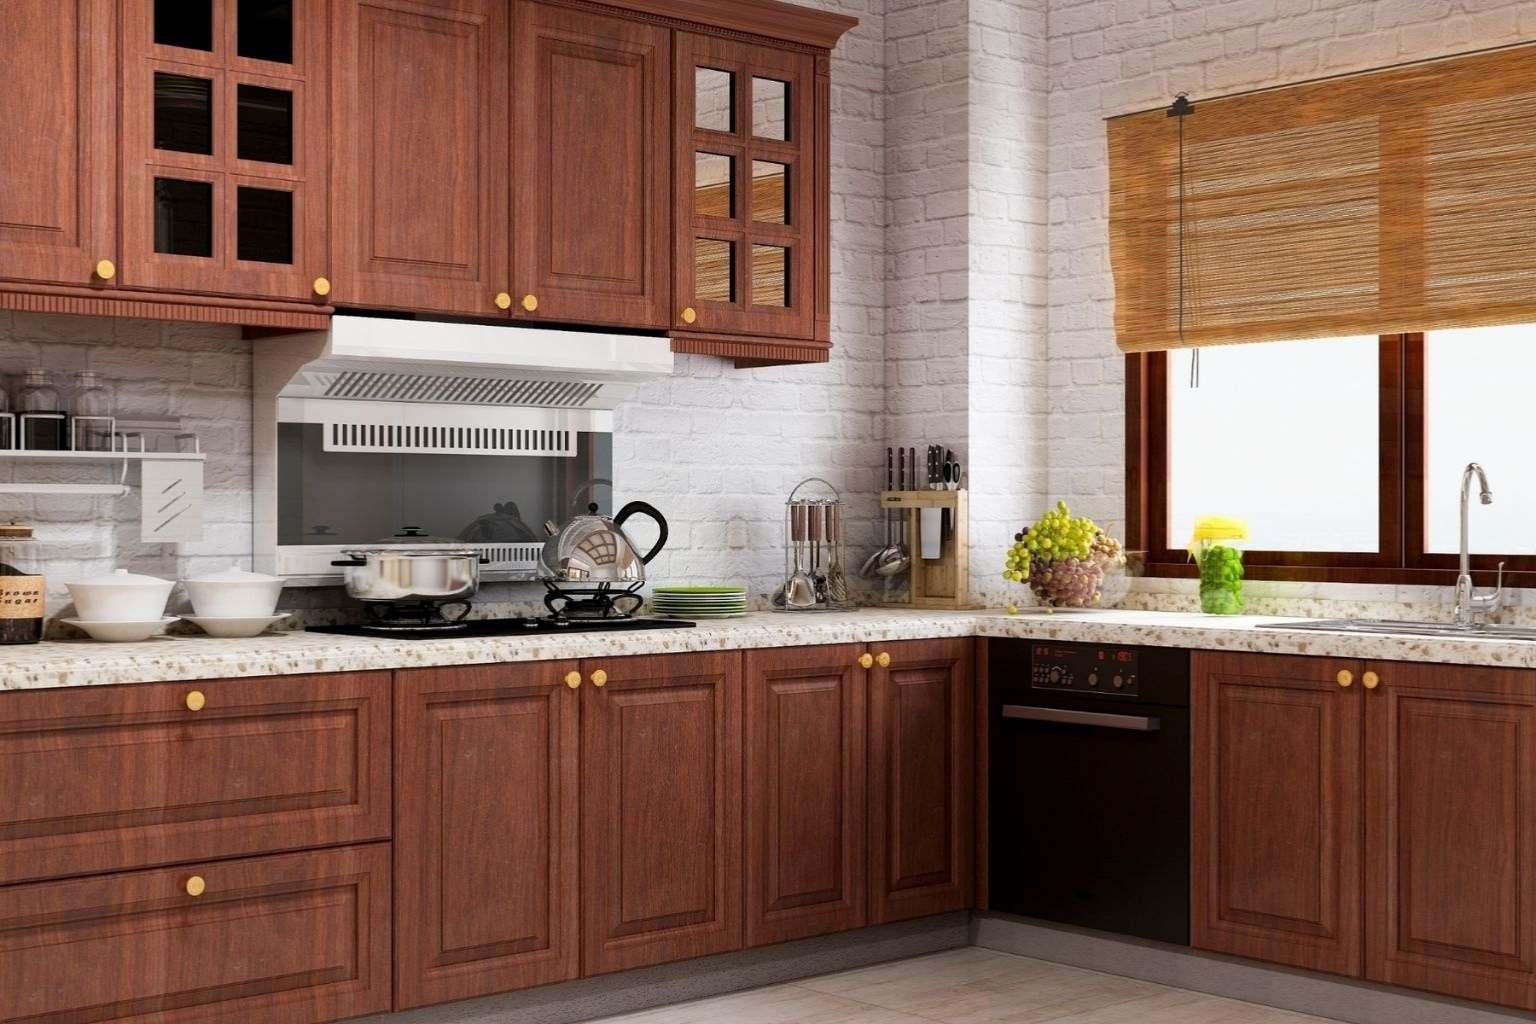 rinnovo cucina